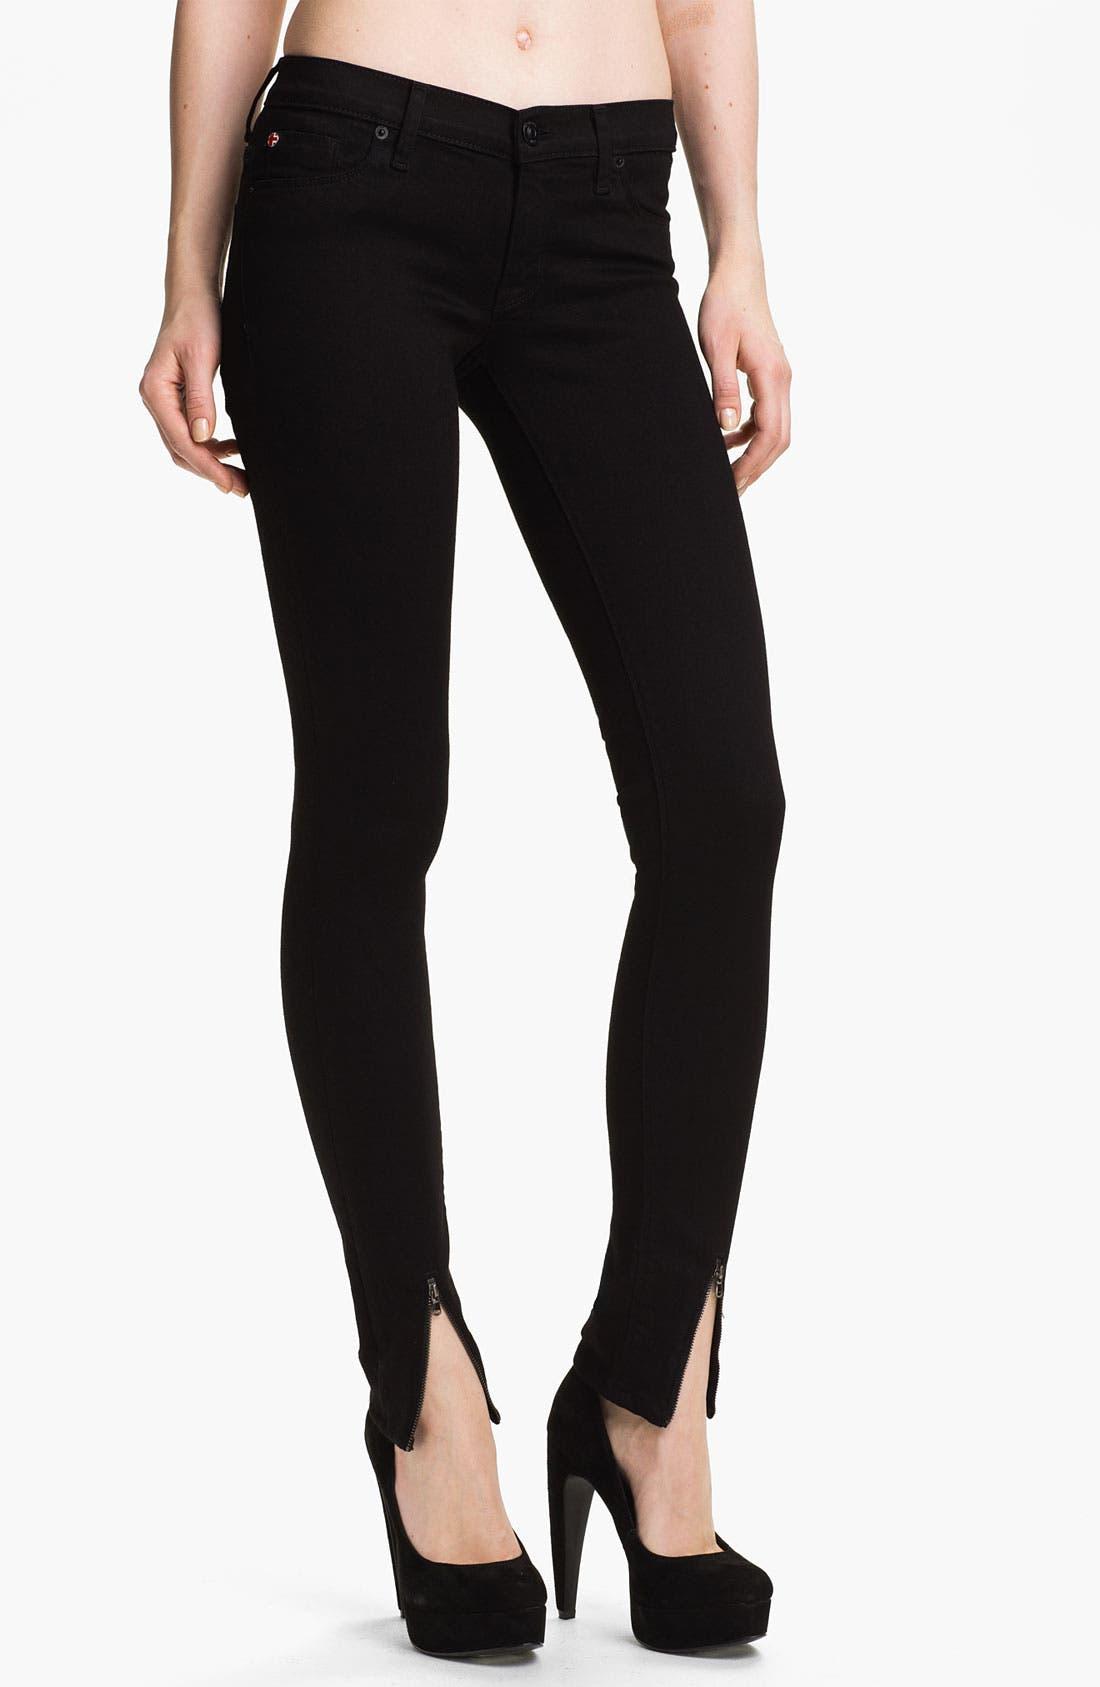 Main Image - Hudson Jeans 'Juliette' Ankle Zip Super Skinny Jeans (Black)